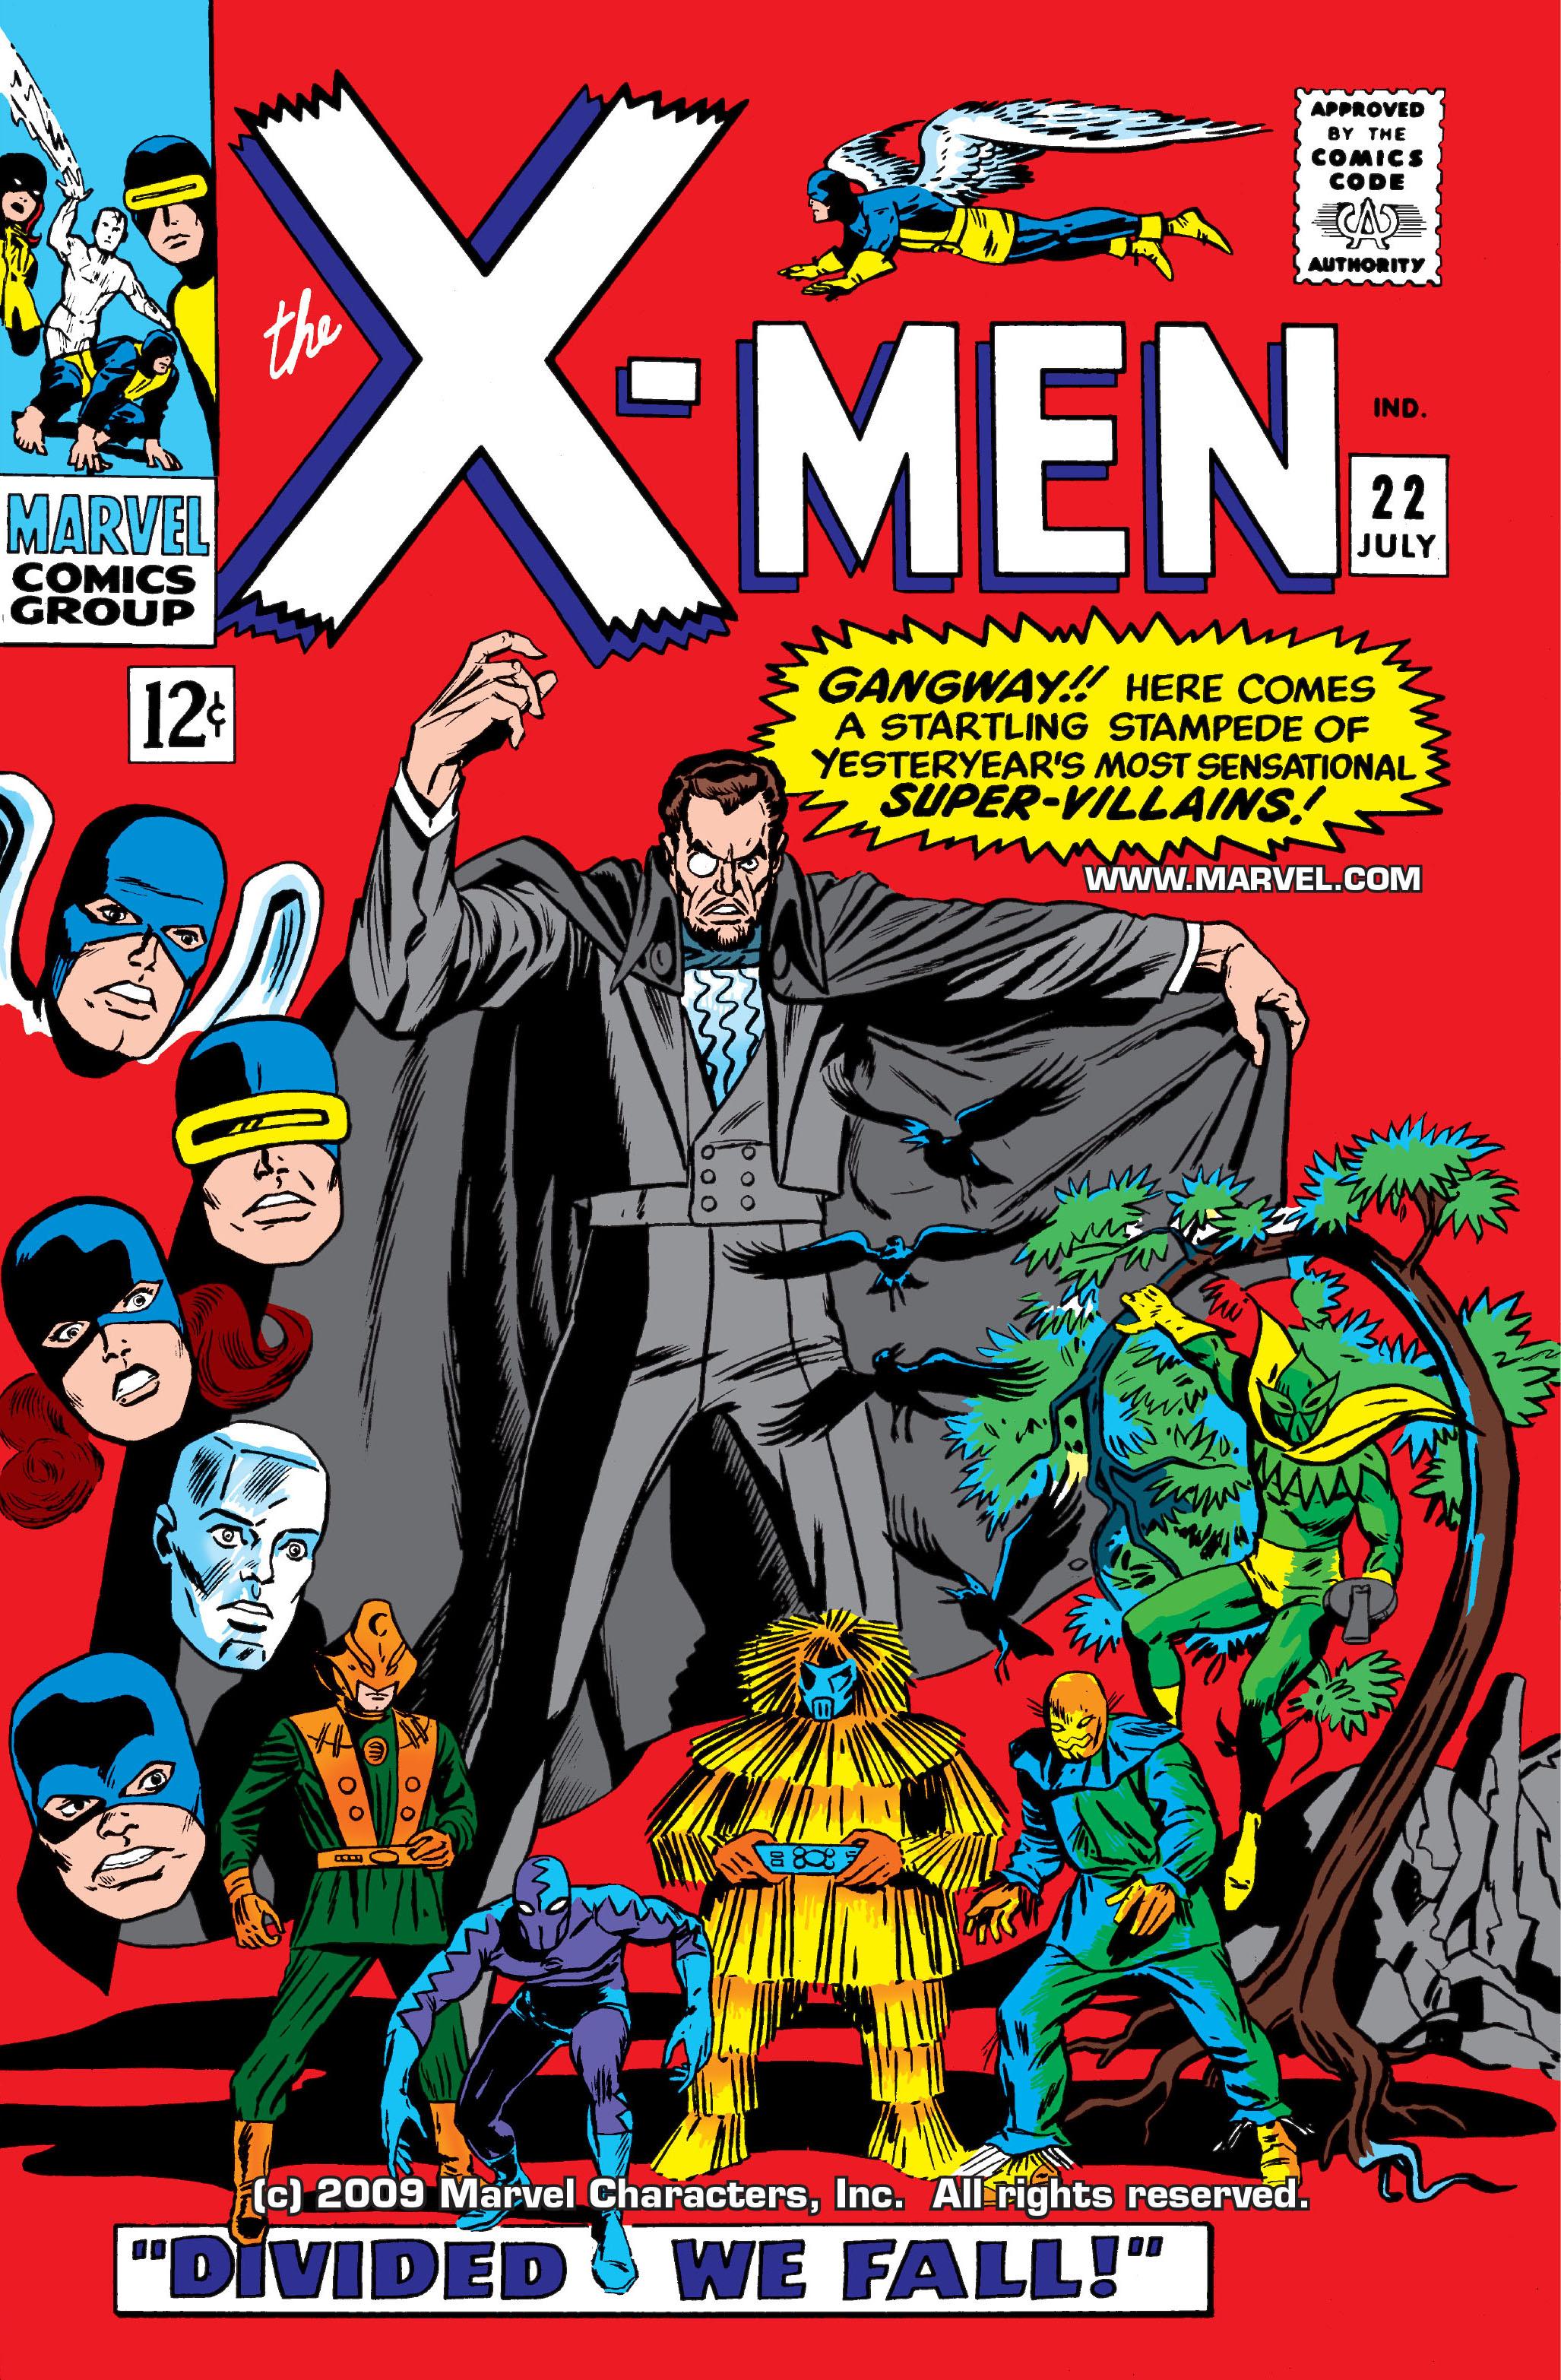 Read online Uncanny X-Men (1963) comic -  Issue #22 - 1